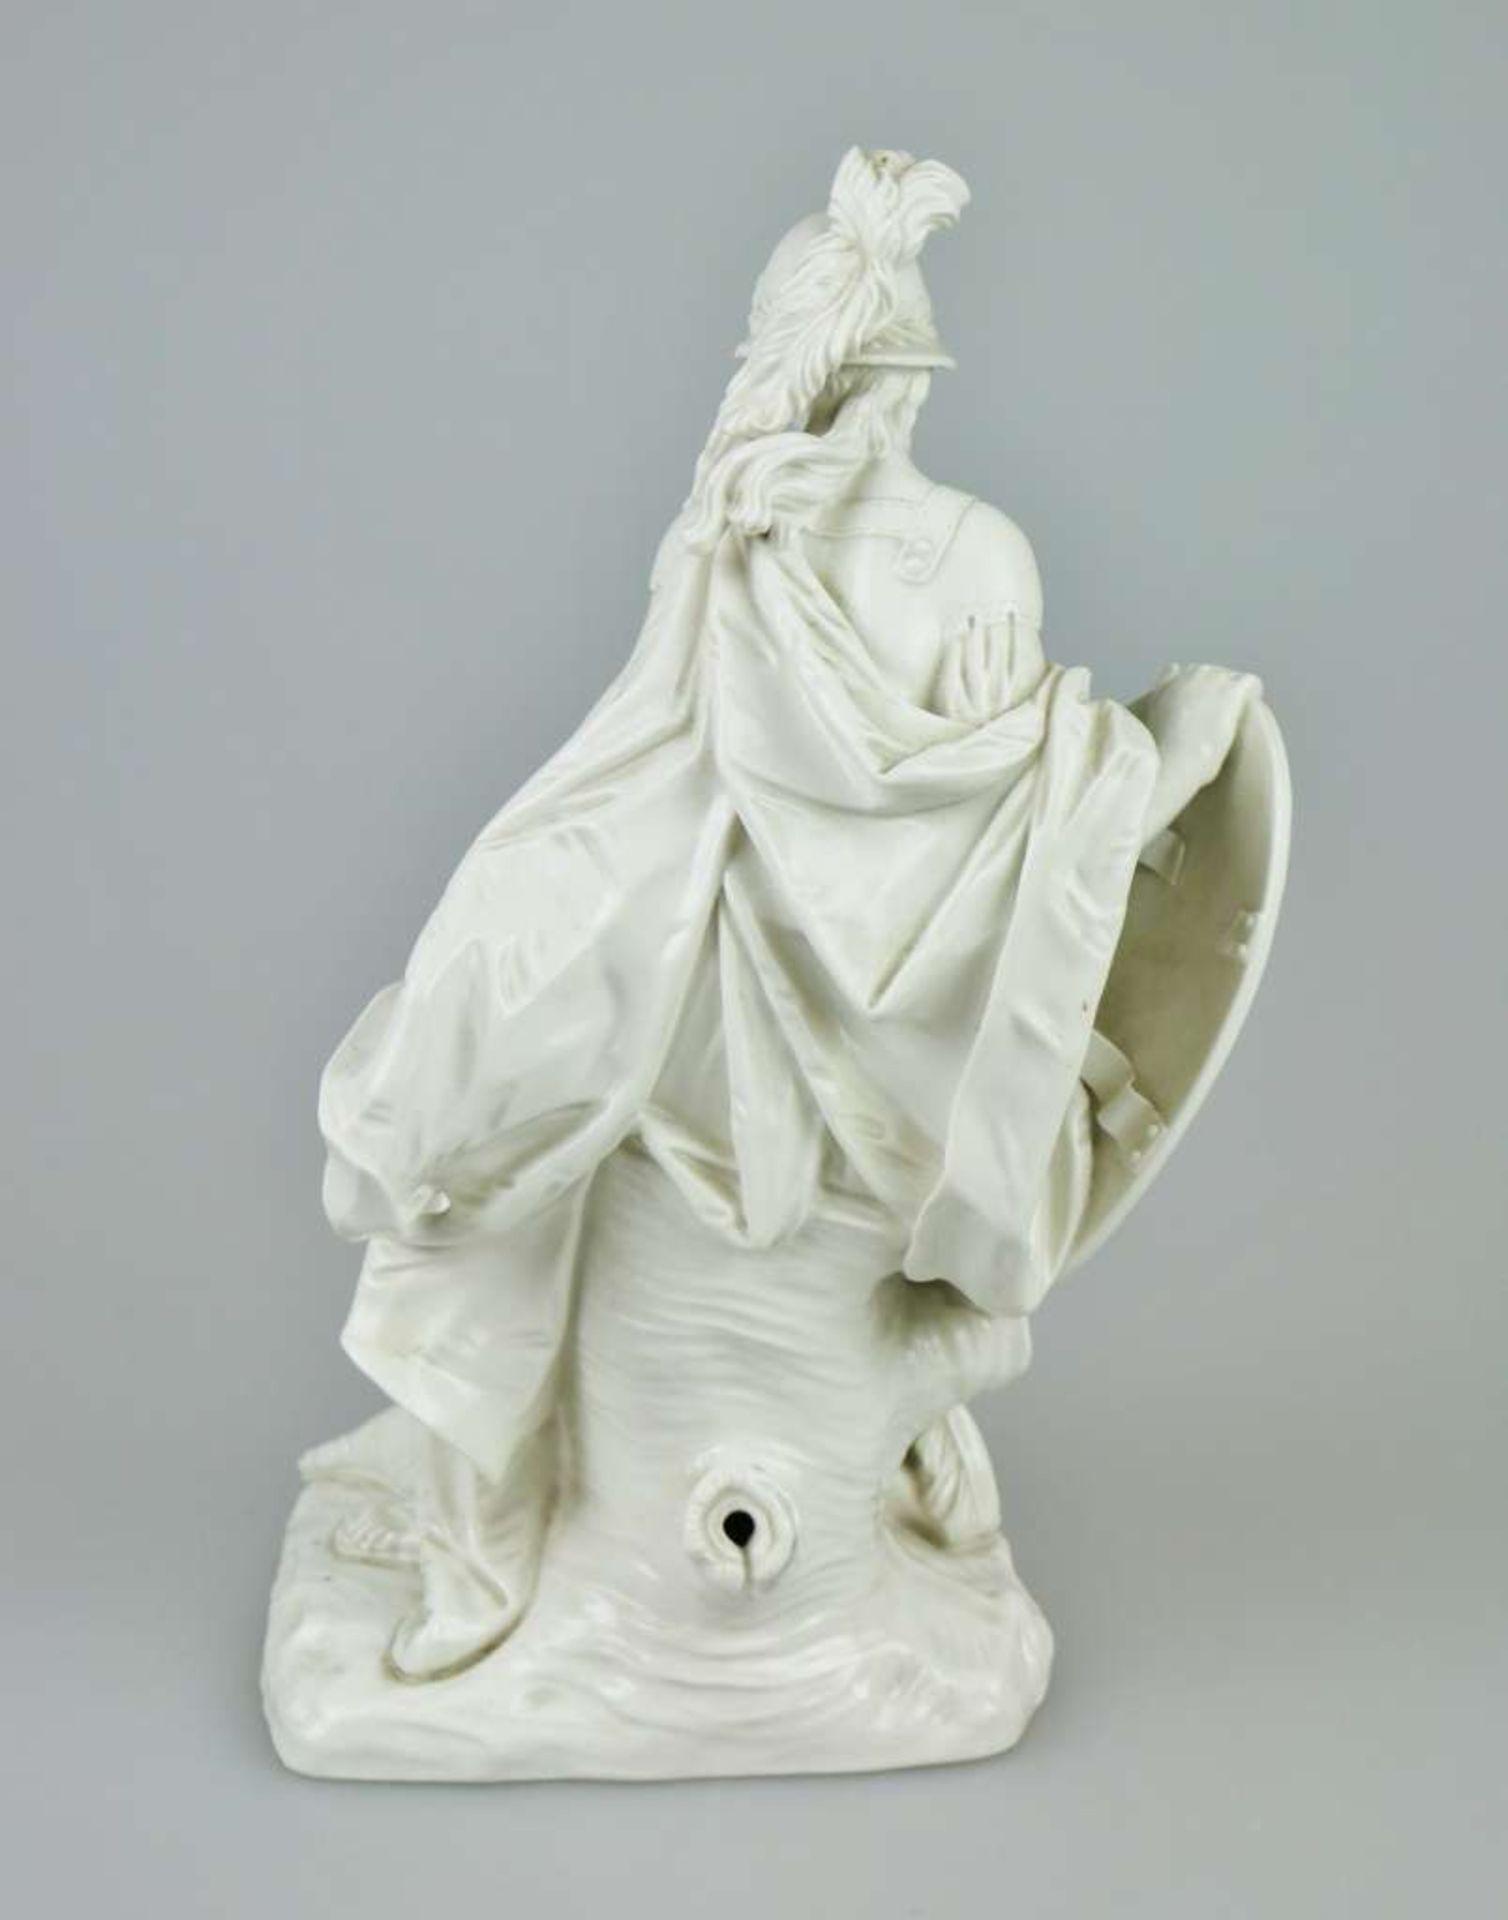 Minerva, Modell von Dominikus Auliczek (1734-1804) um 1770, Nymphenburg um 1900, Weißporzellan - Bild 2 aus 7